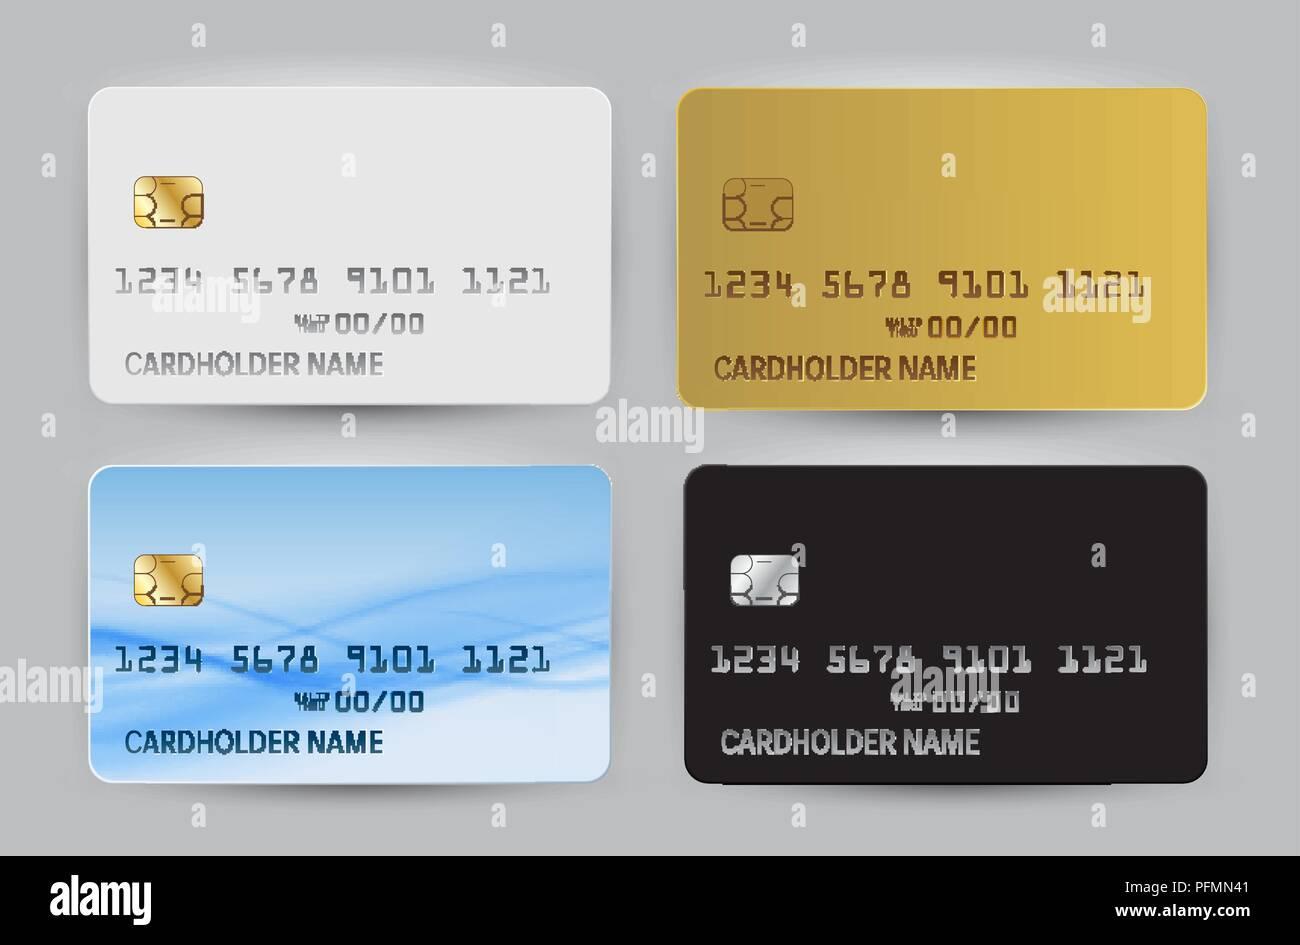 Carte Bleue Transparente.Noir Blanc Or Et Bleu Modele Vierge De Carte Bancaire D